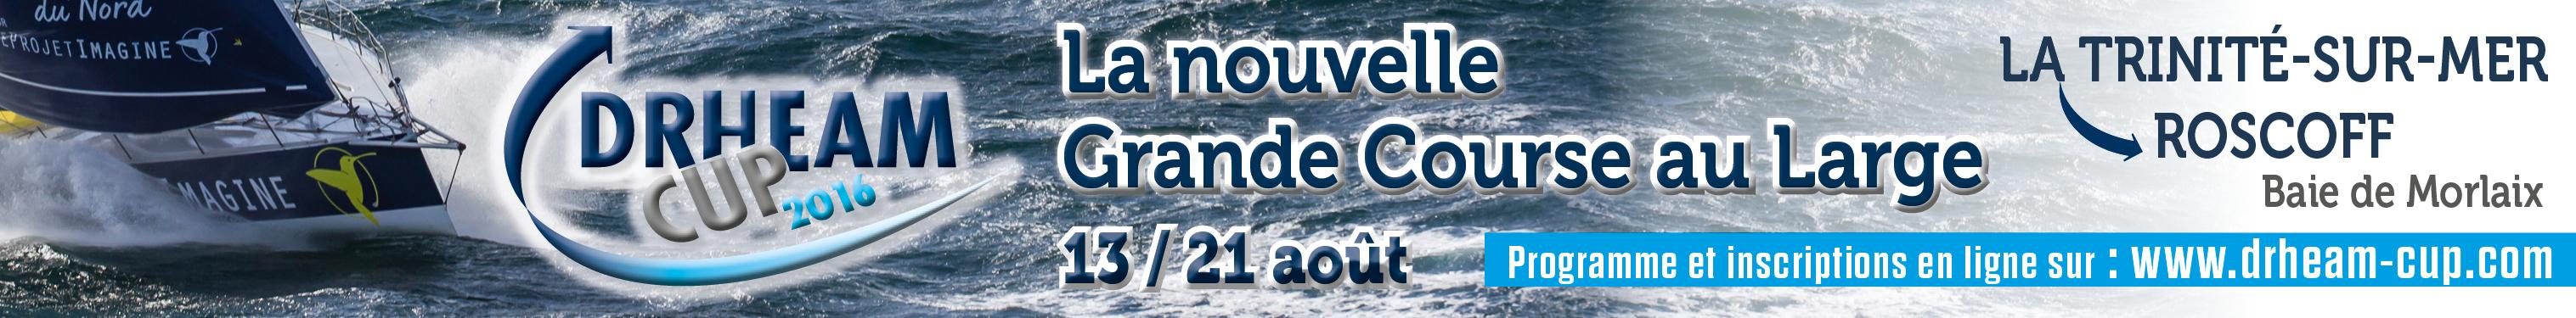 2016-06-10_BANNIERE_DRHEAM-CUP_WEB